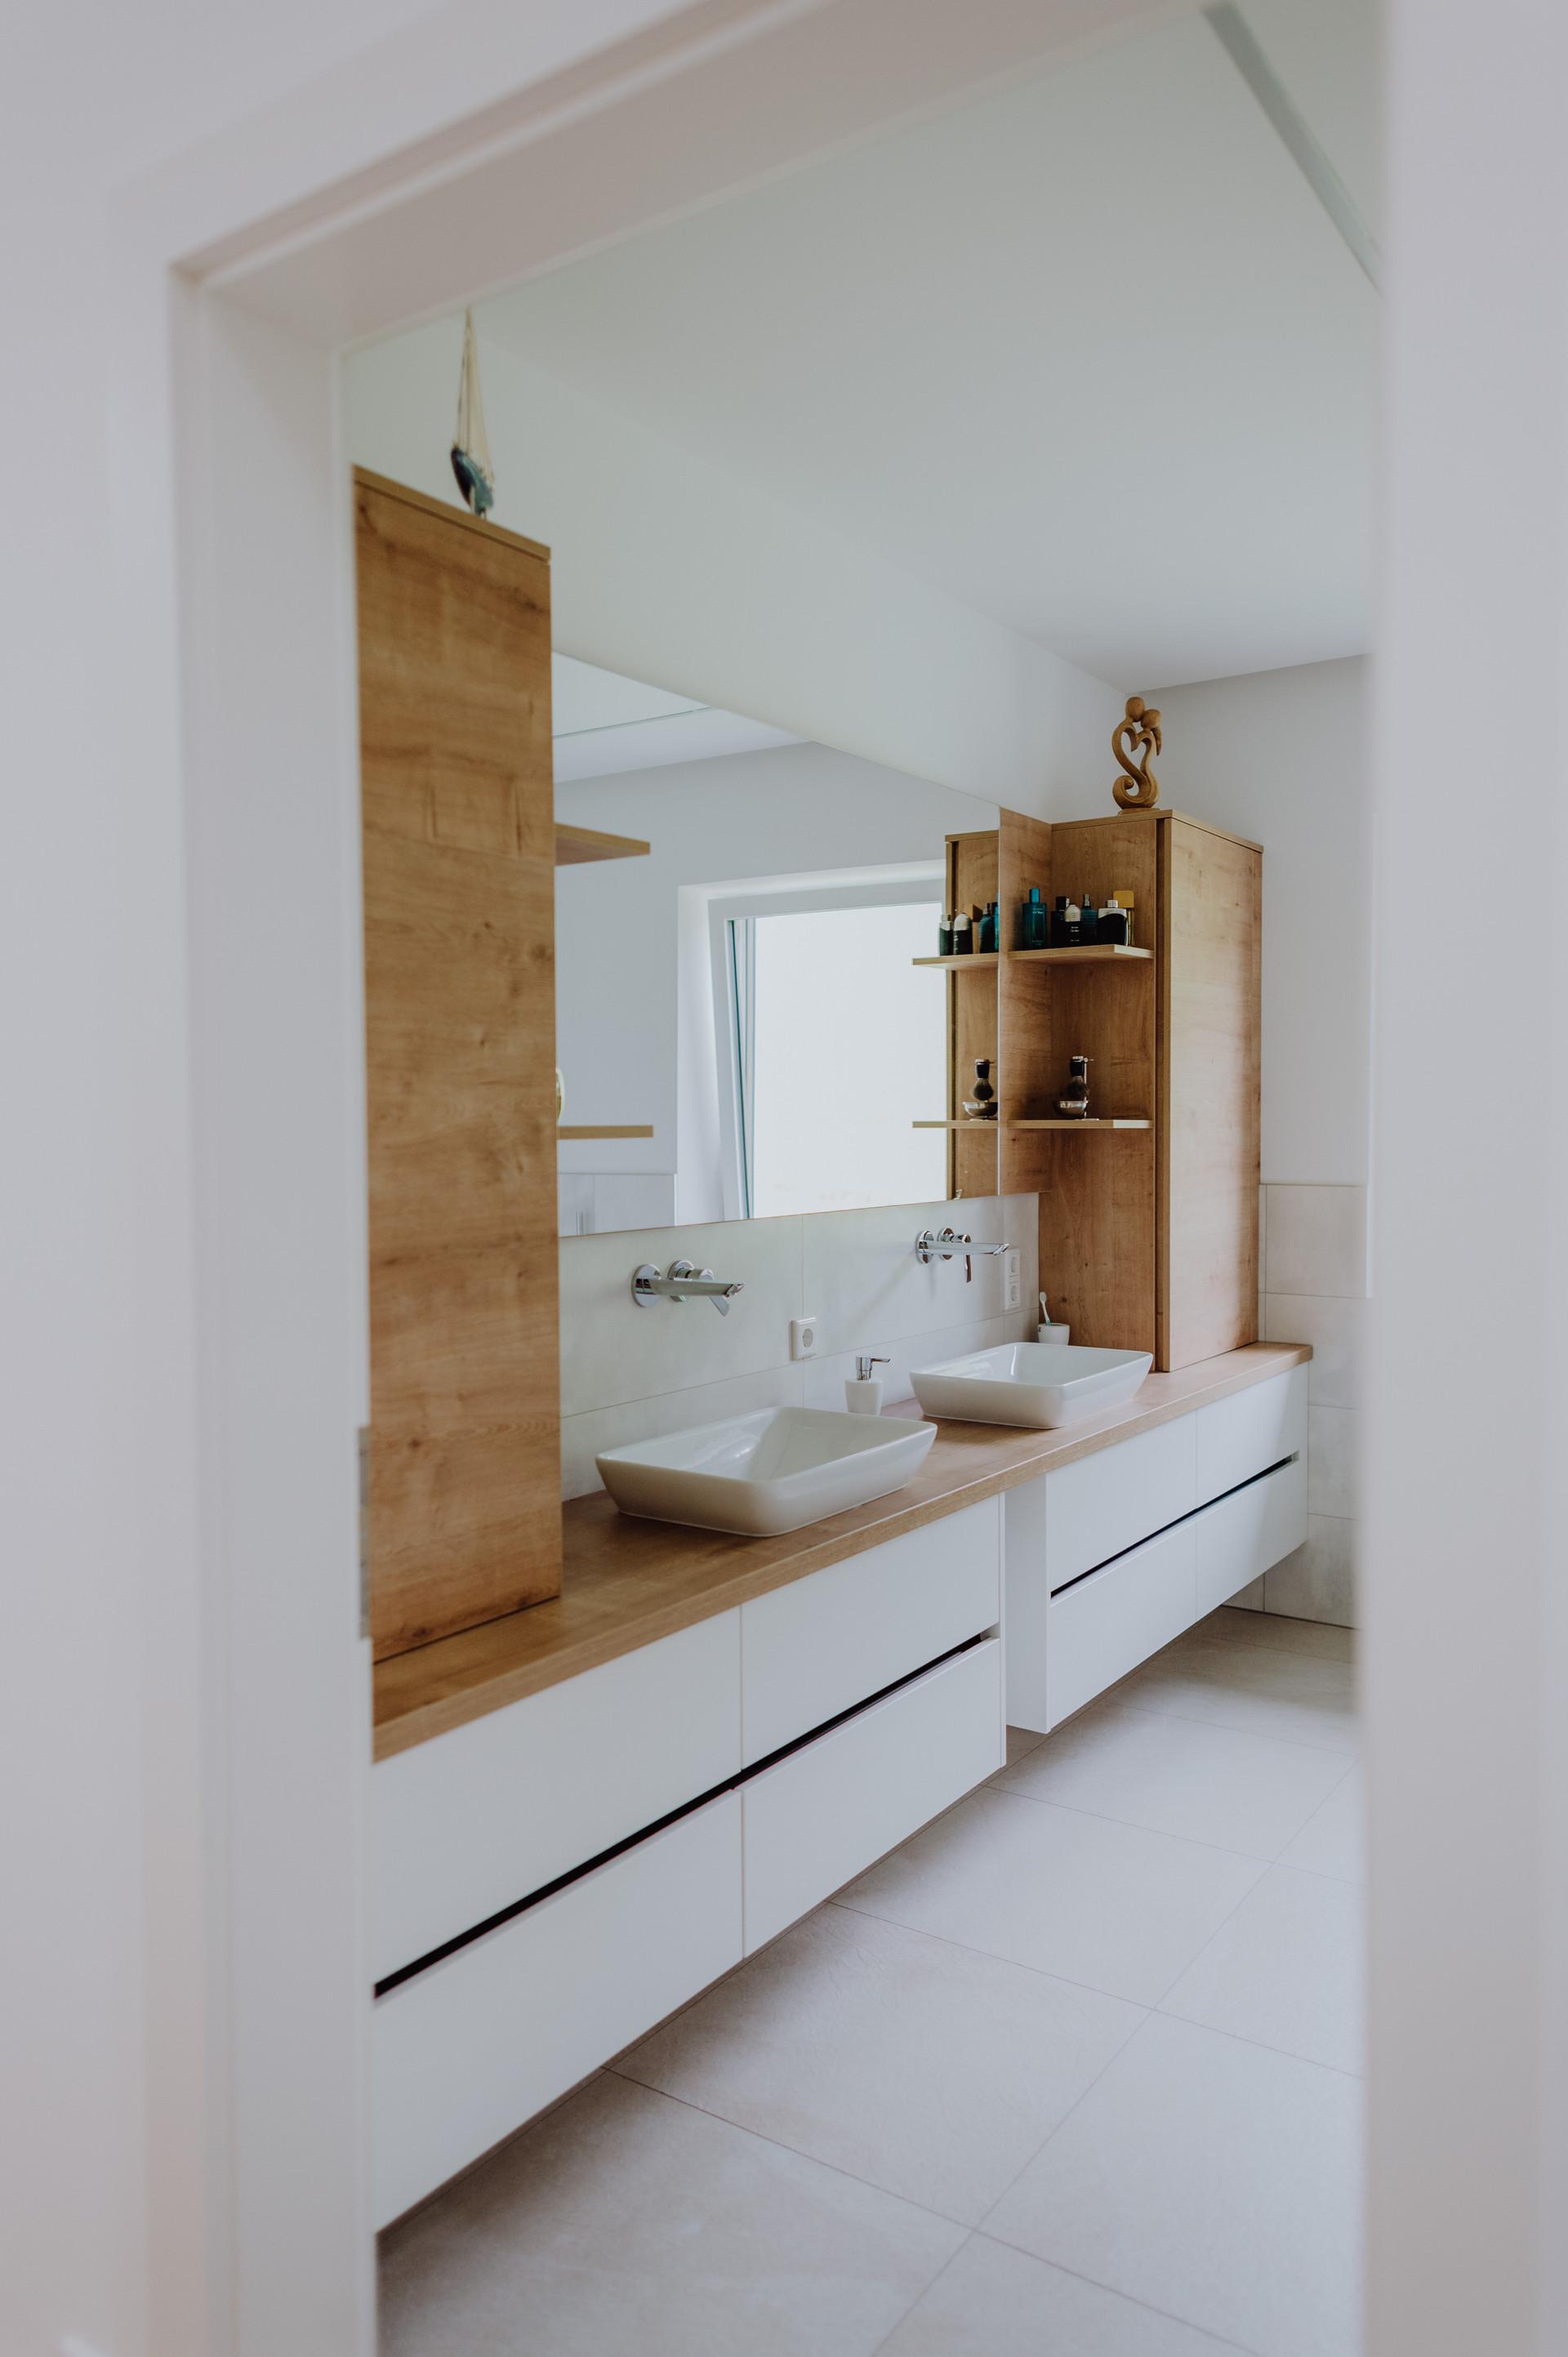 Raum8 Inneneinrichtung Wohnraumplanung Wohnraumplan Einrichtugnsplaner Planungsbüro Wohnen Türen Schlafen Küchen Küchenstudio Küchenplaner Küchenplanung Mühlviertel Peilstein